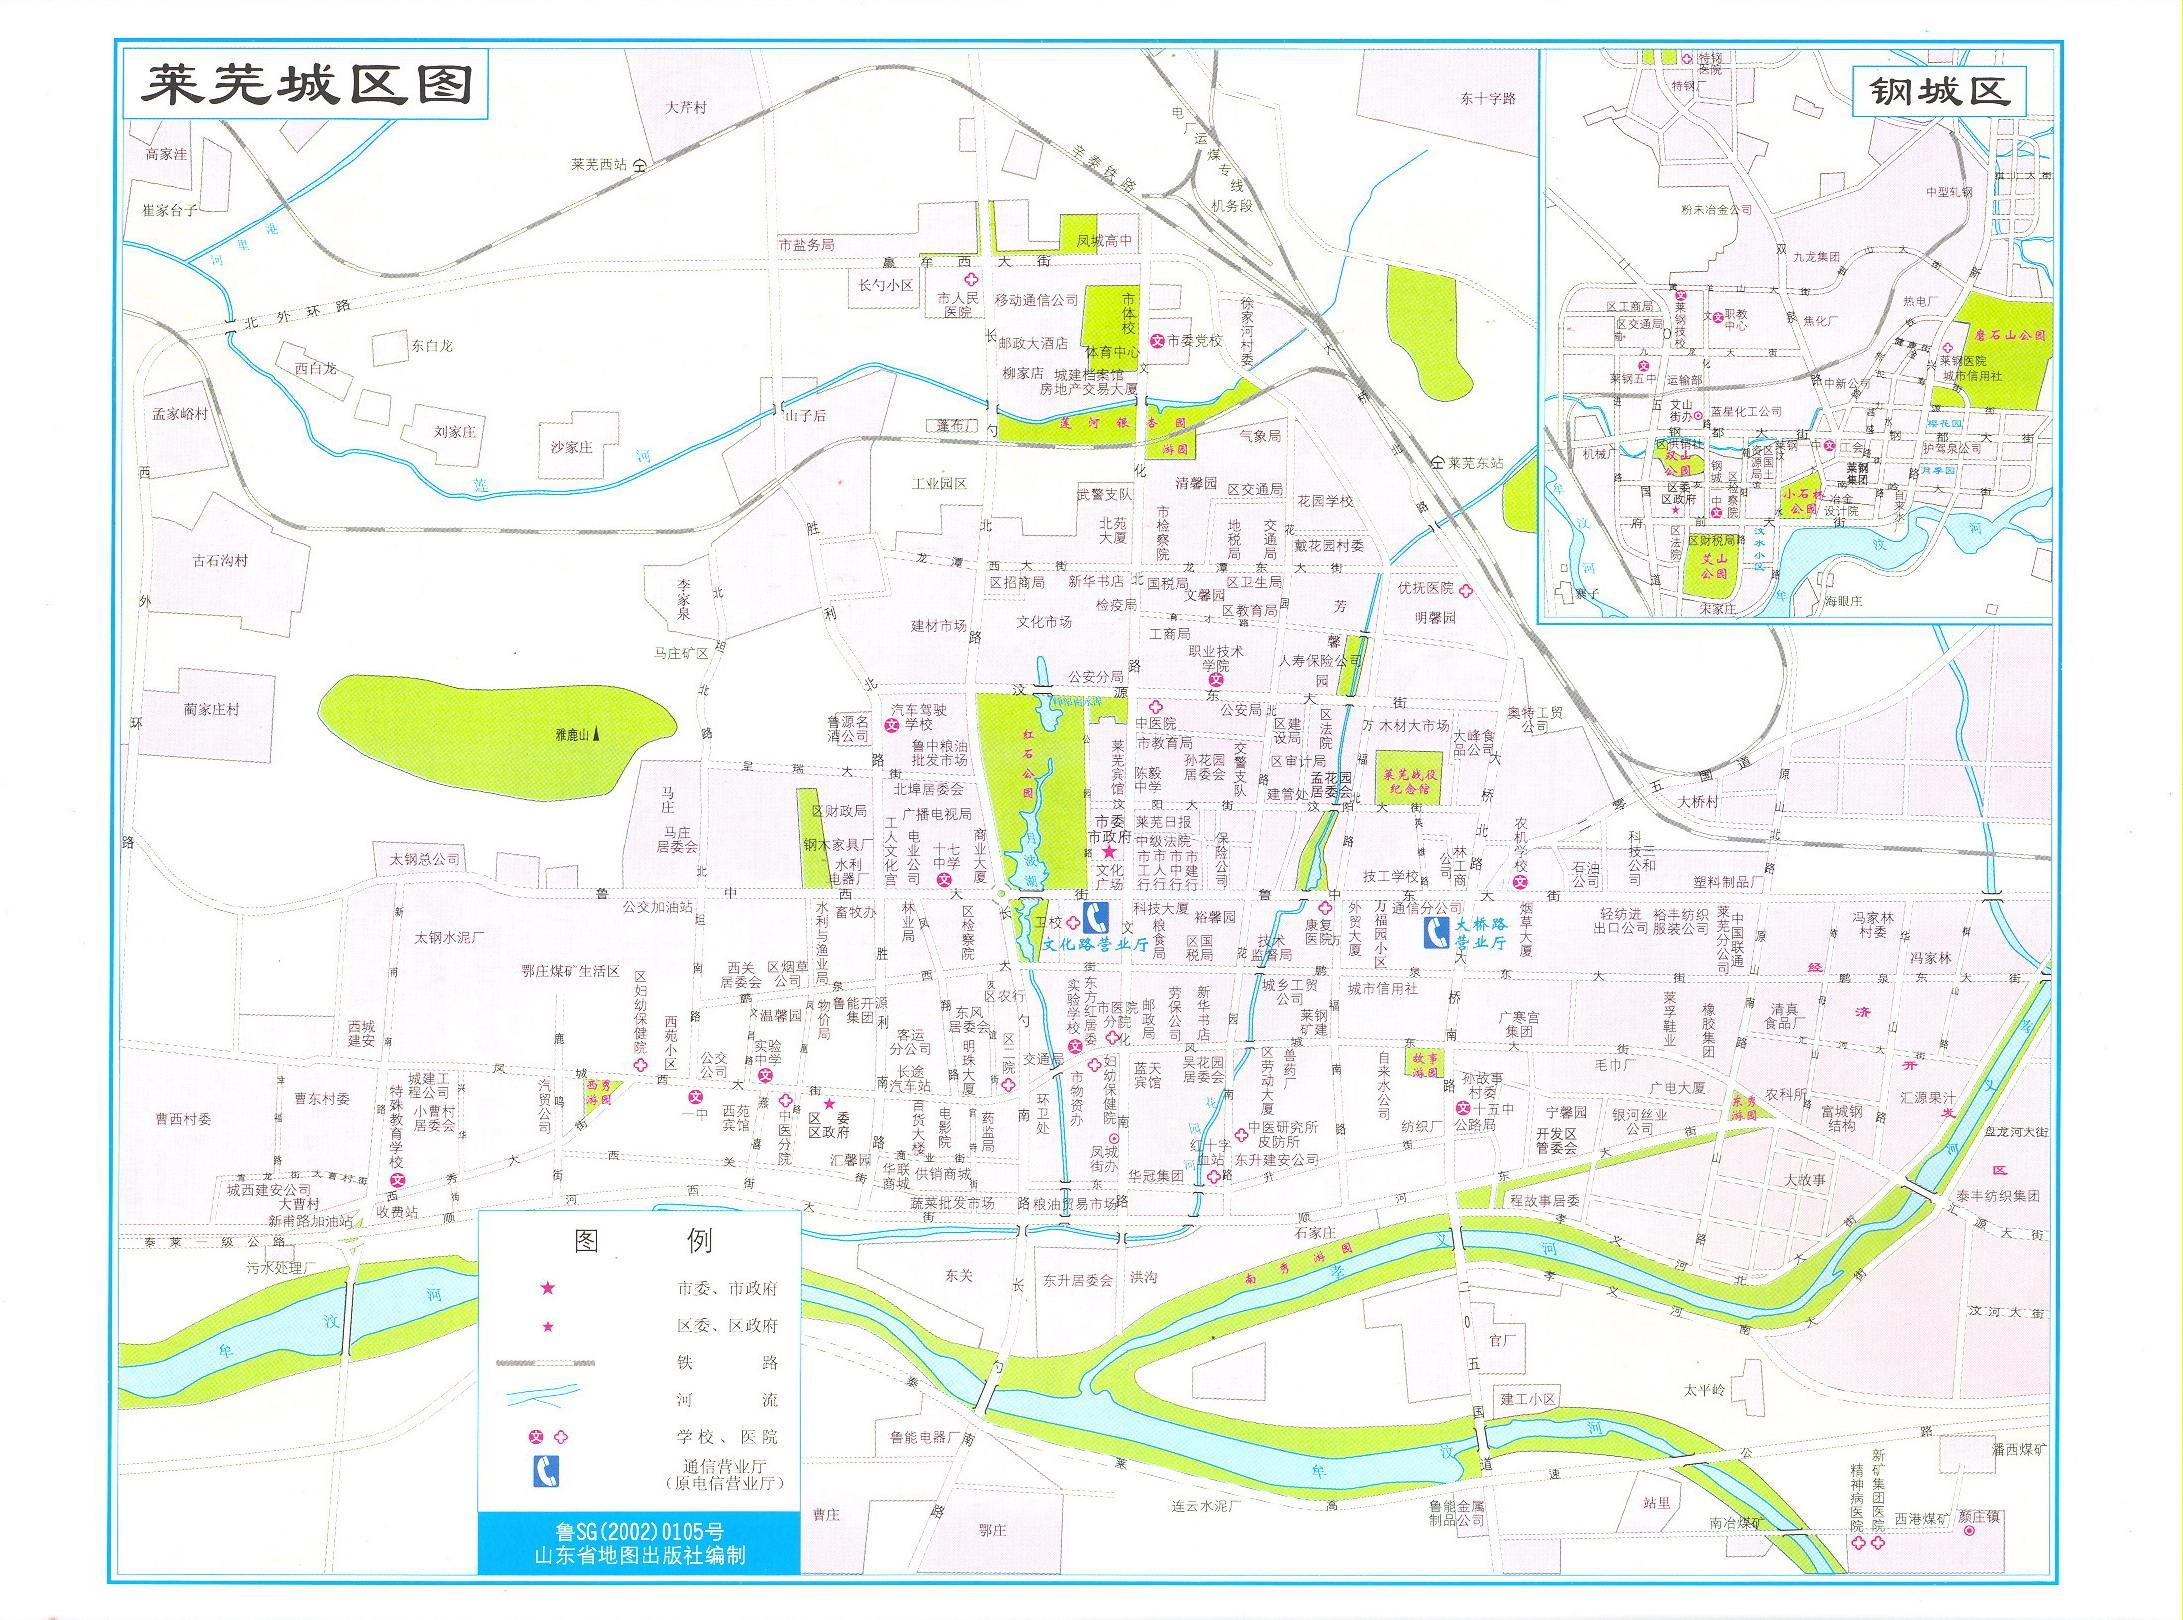 莱芜市区地图_莱芜地图库